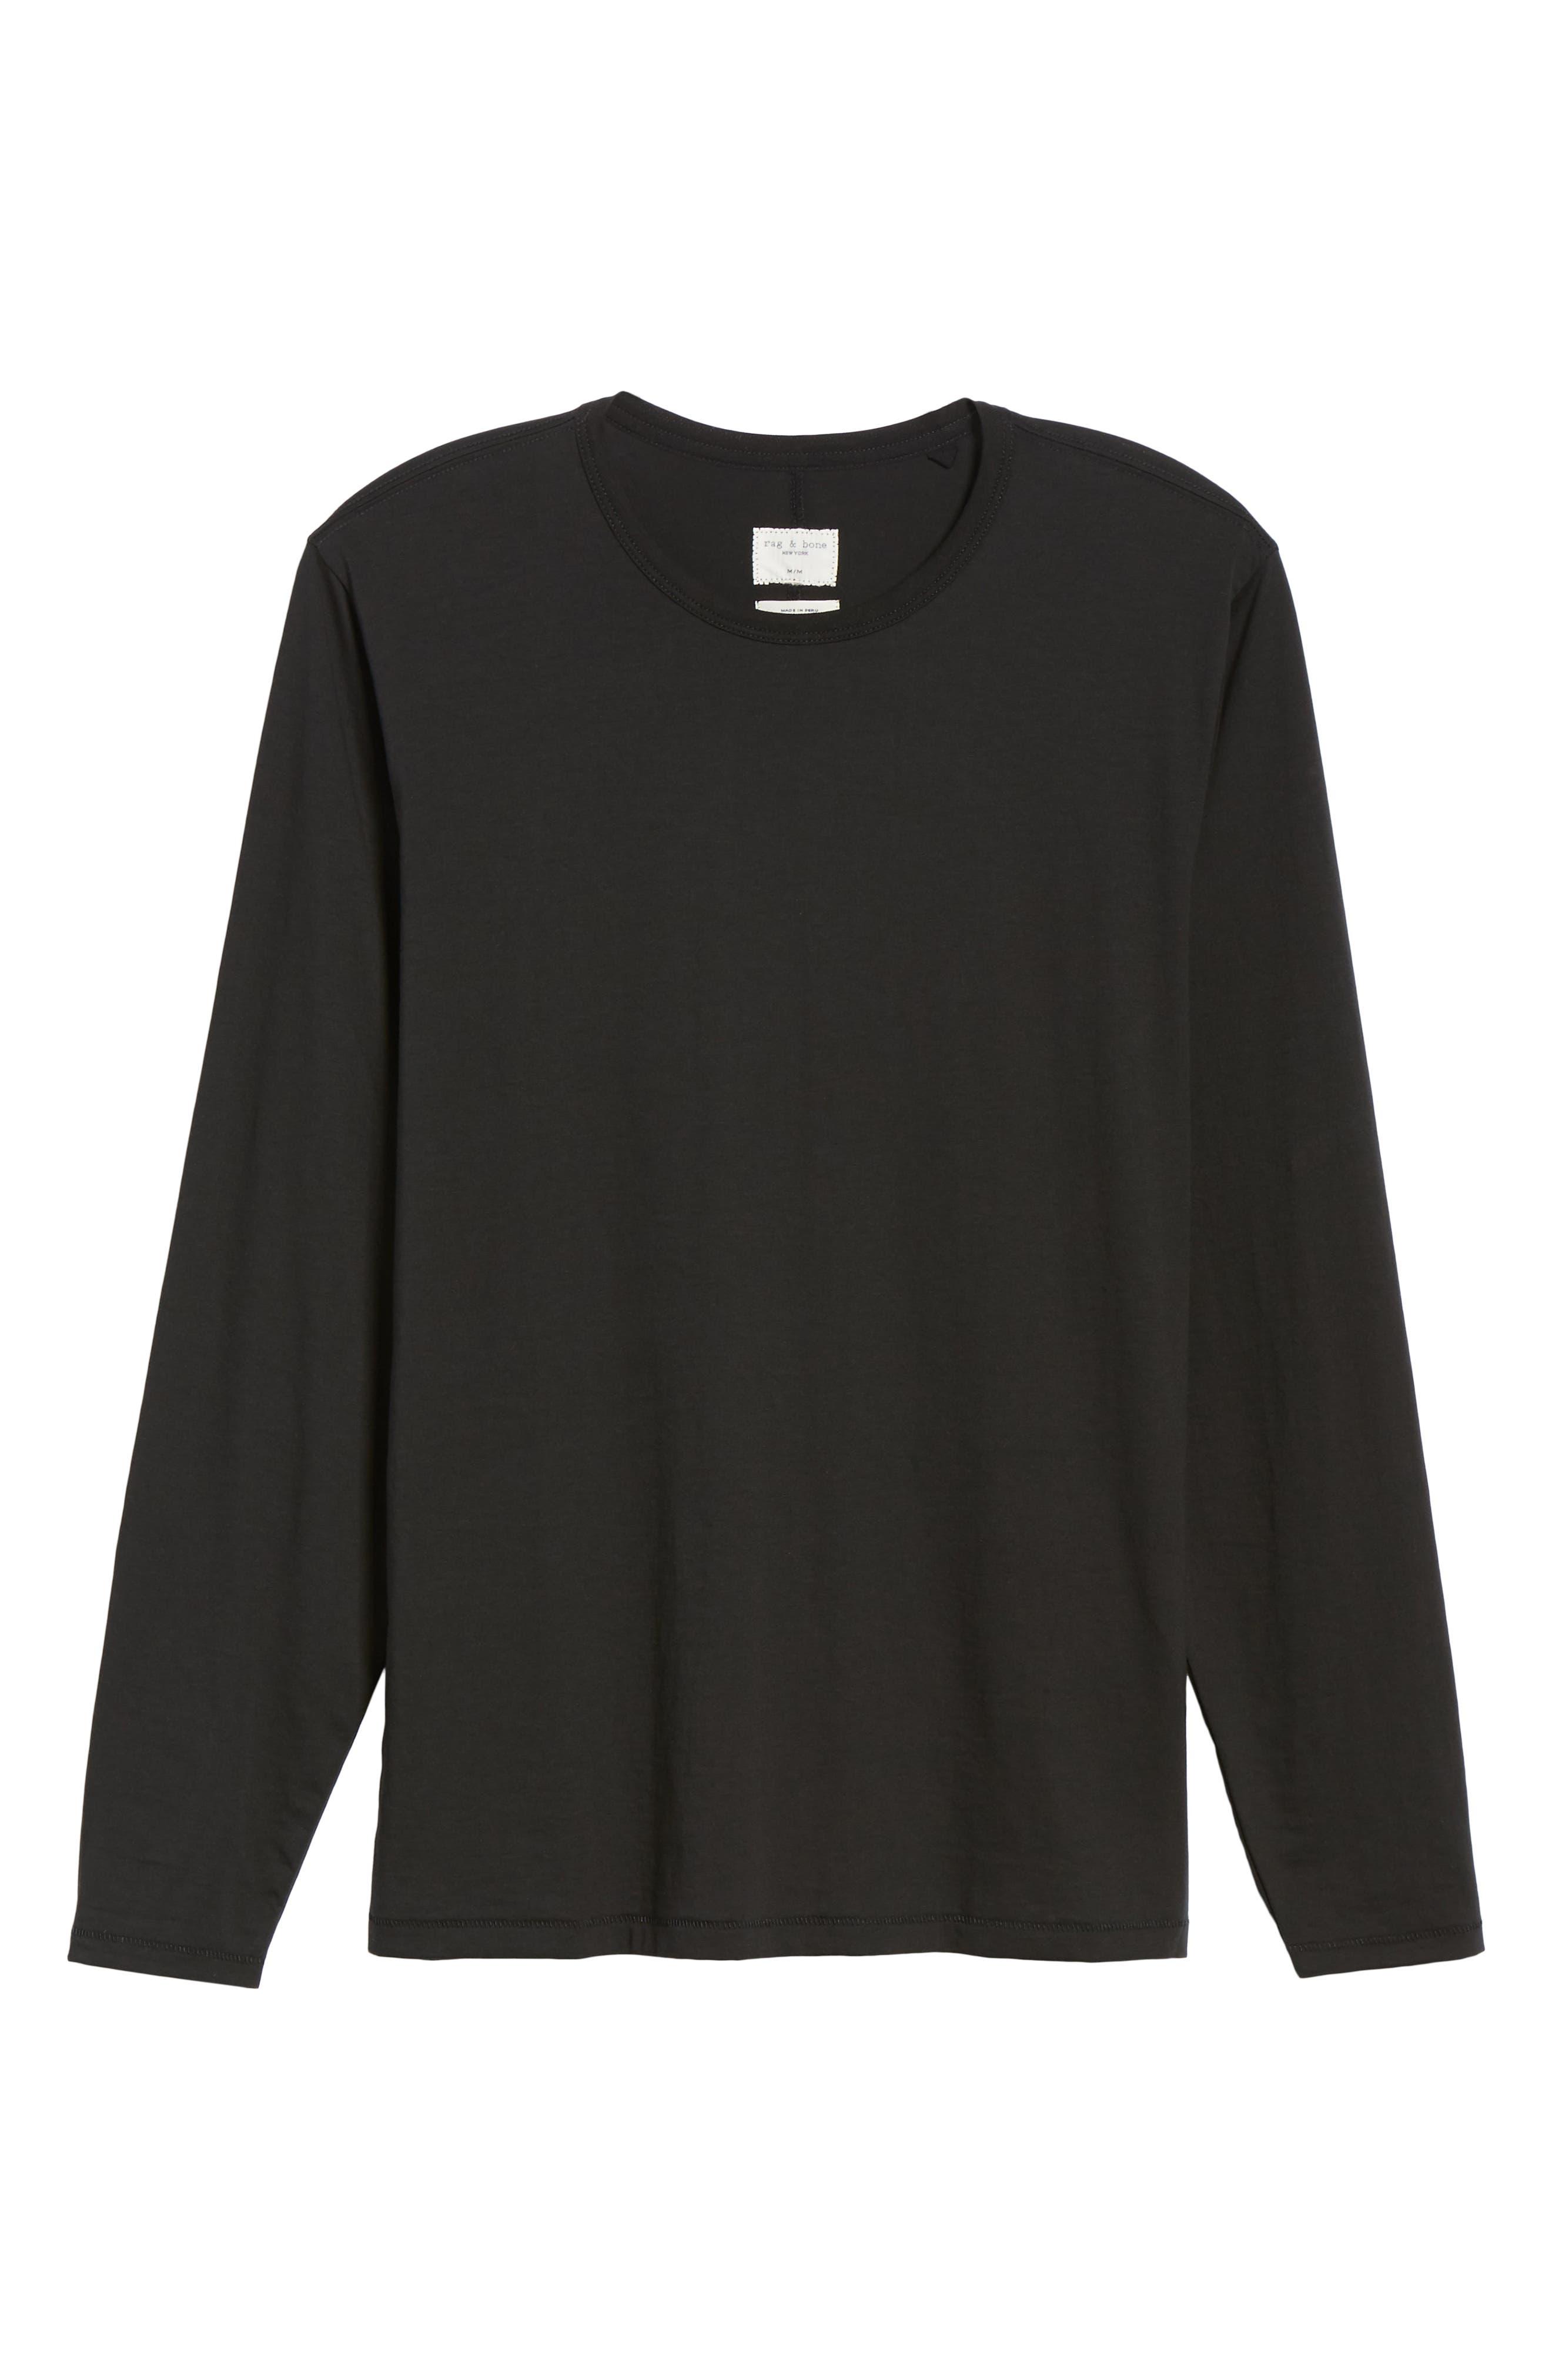 RAG & BONE, Classic Base T-Shirt, Alternate thumbnail 6, color, BLACK